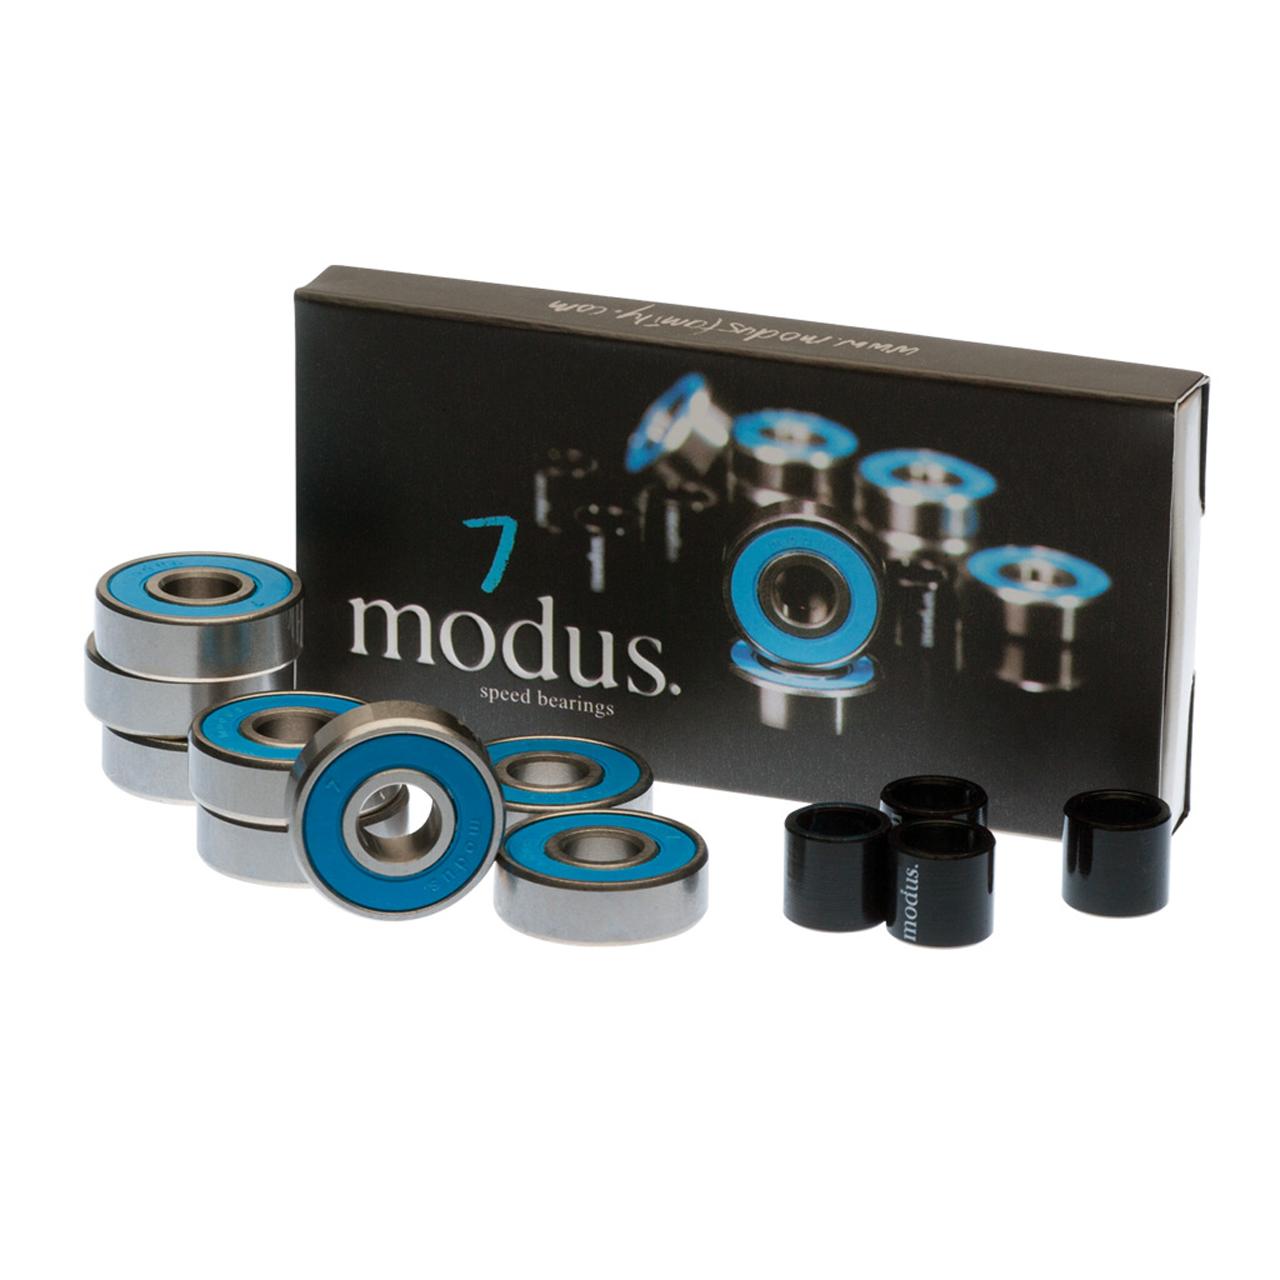 Modus_7's_Set